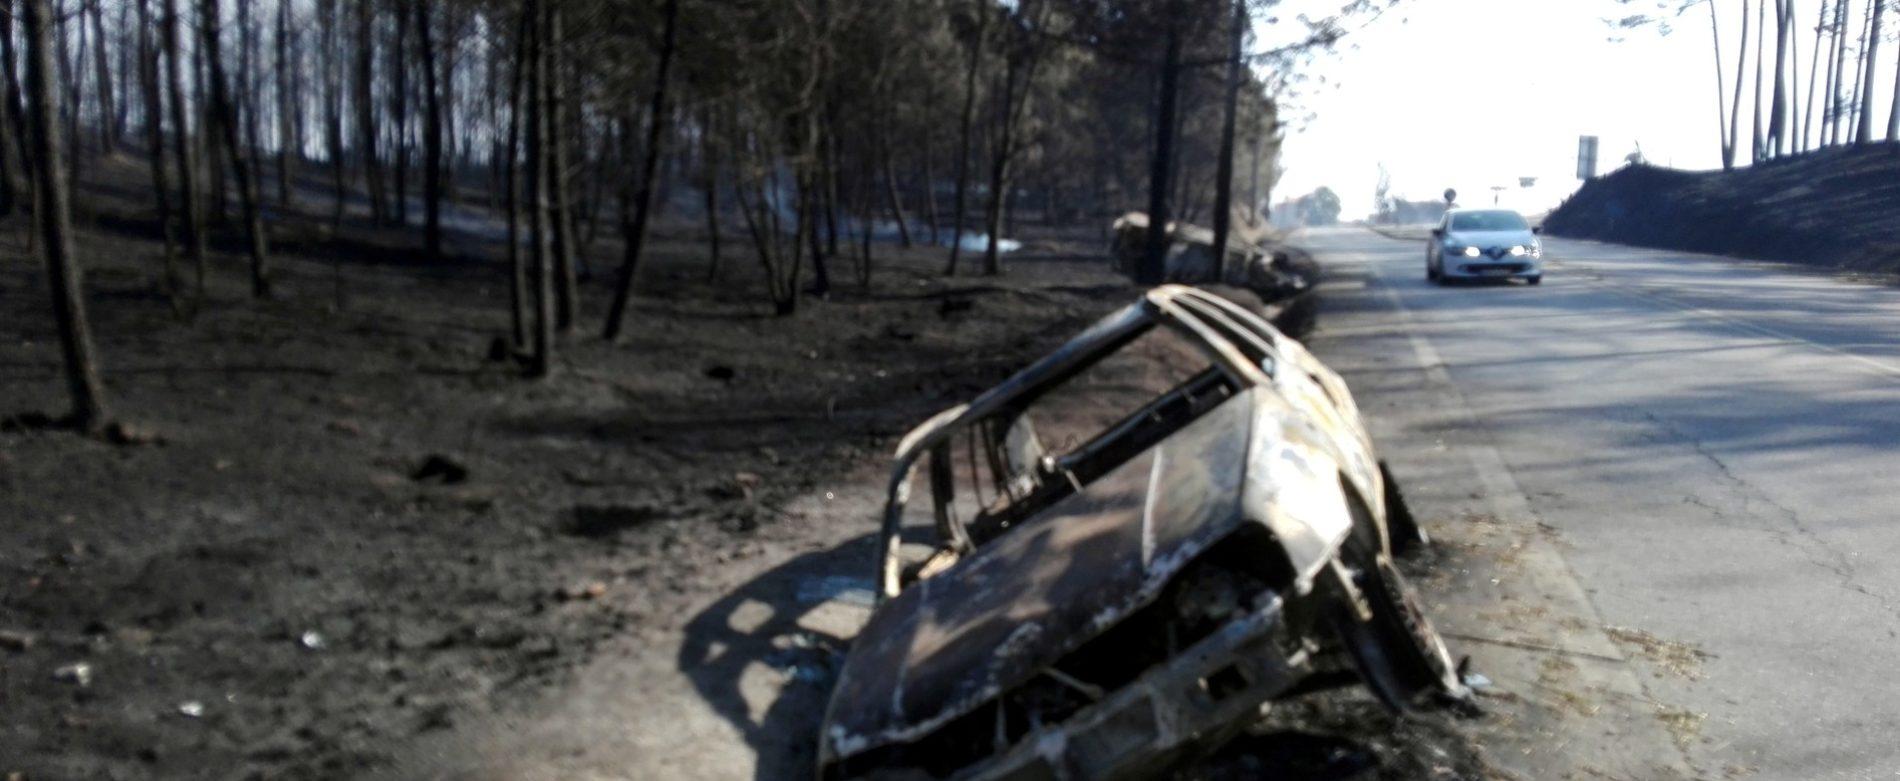 Assembleia Municipal aprovou voto de pesar pelos 12 mortos no incêndio de outubro